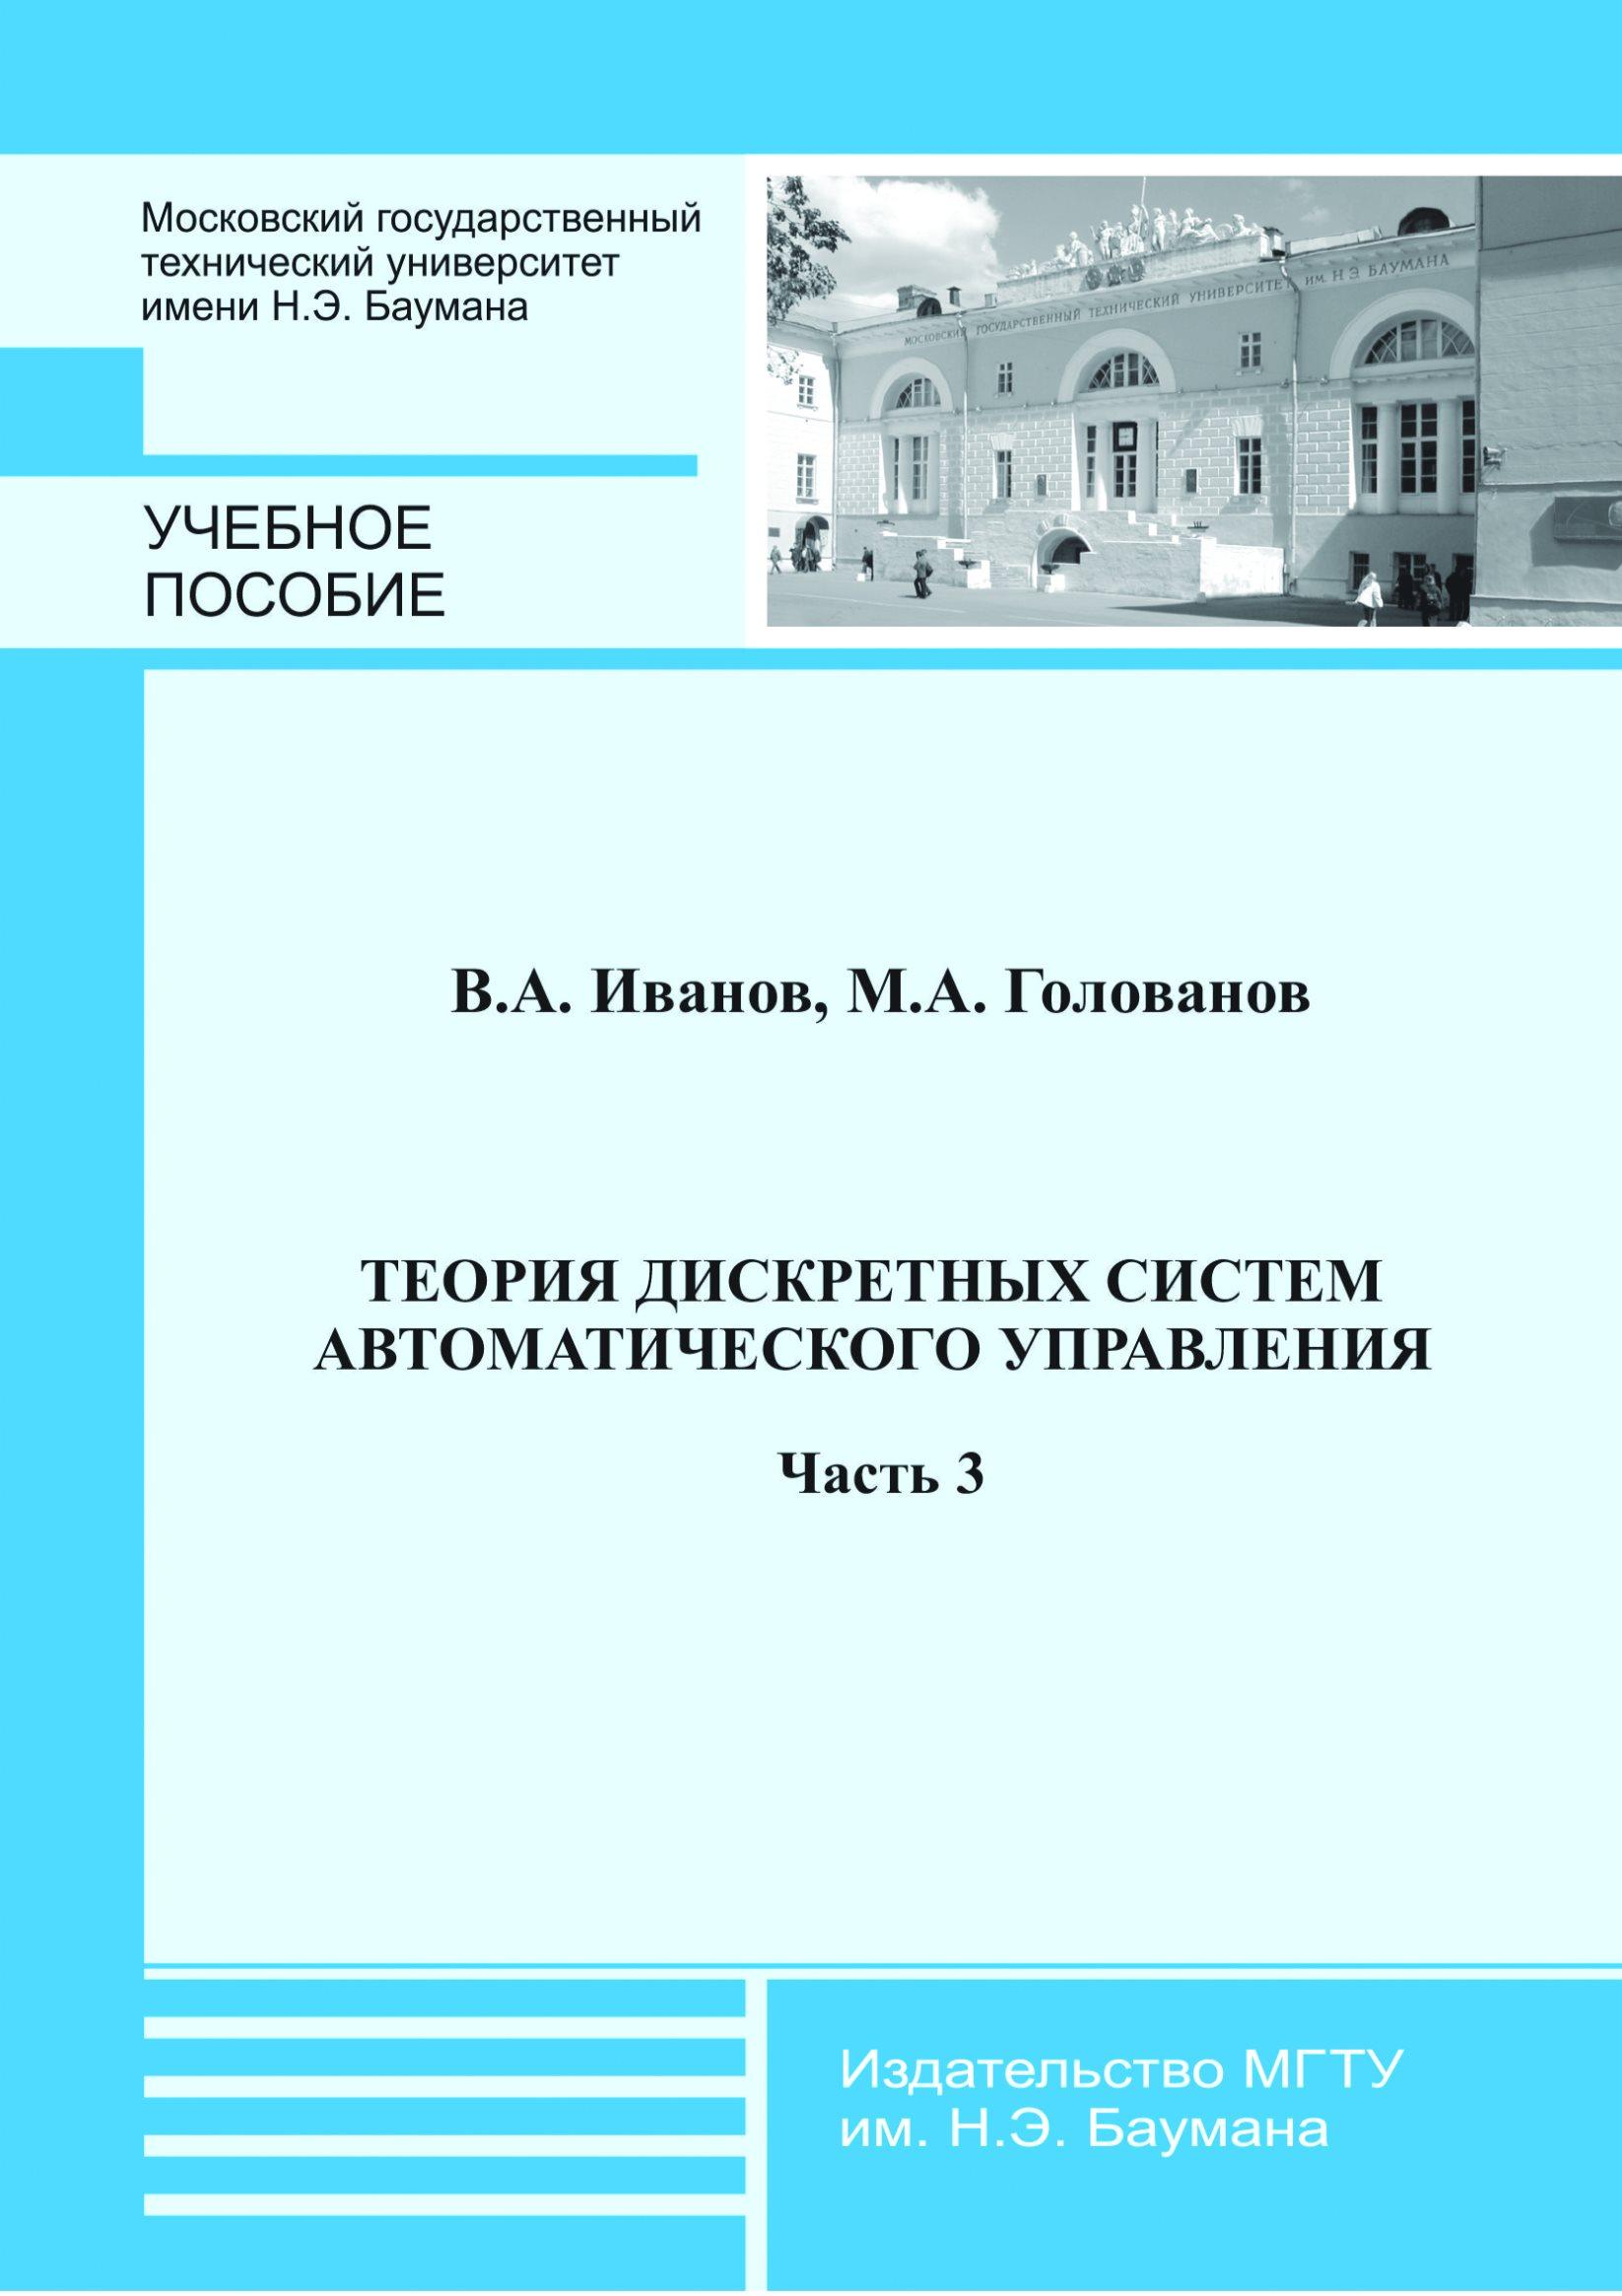 Михаил Голованов Теория дискретных систем автоматического управления. Часть 3 цена и фото